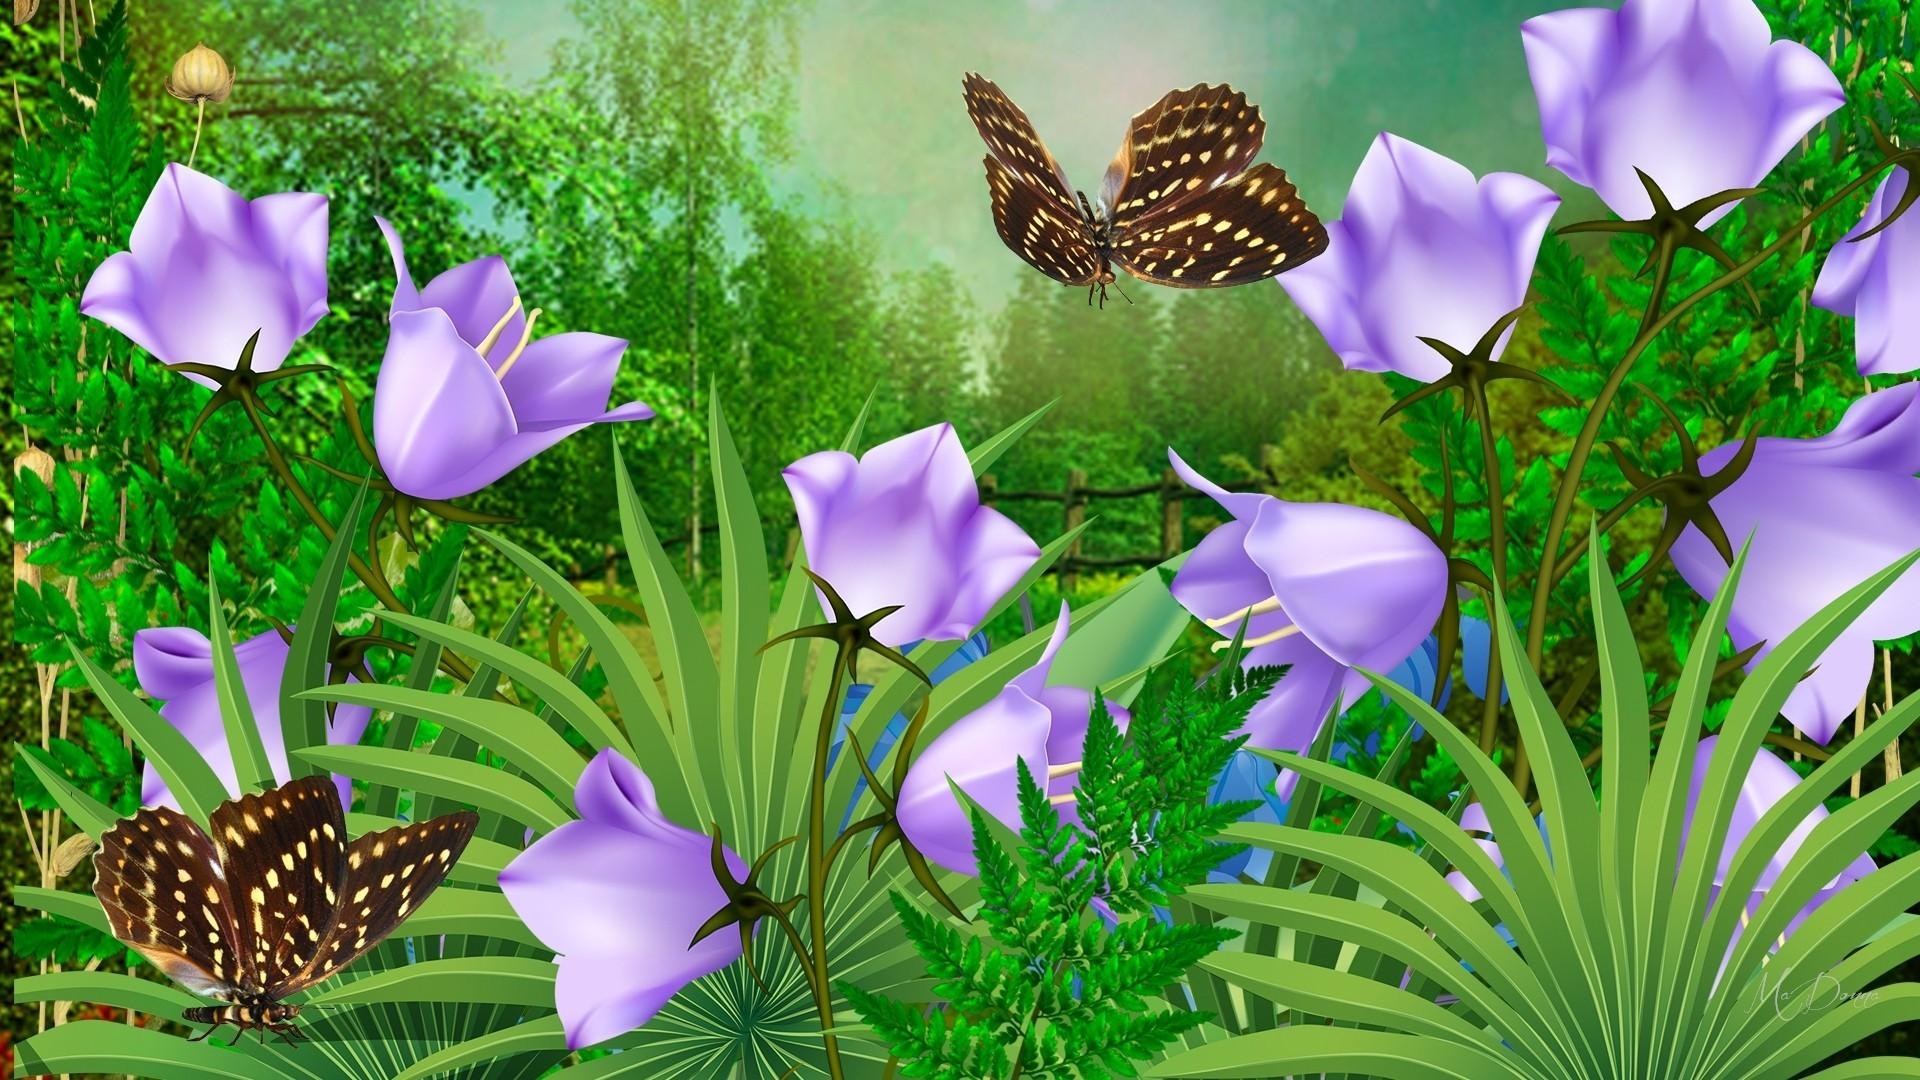 открытки с полянами с цветами блестящие мигающие школе